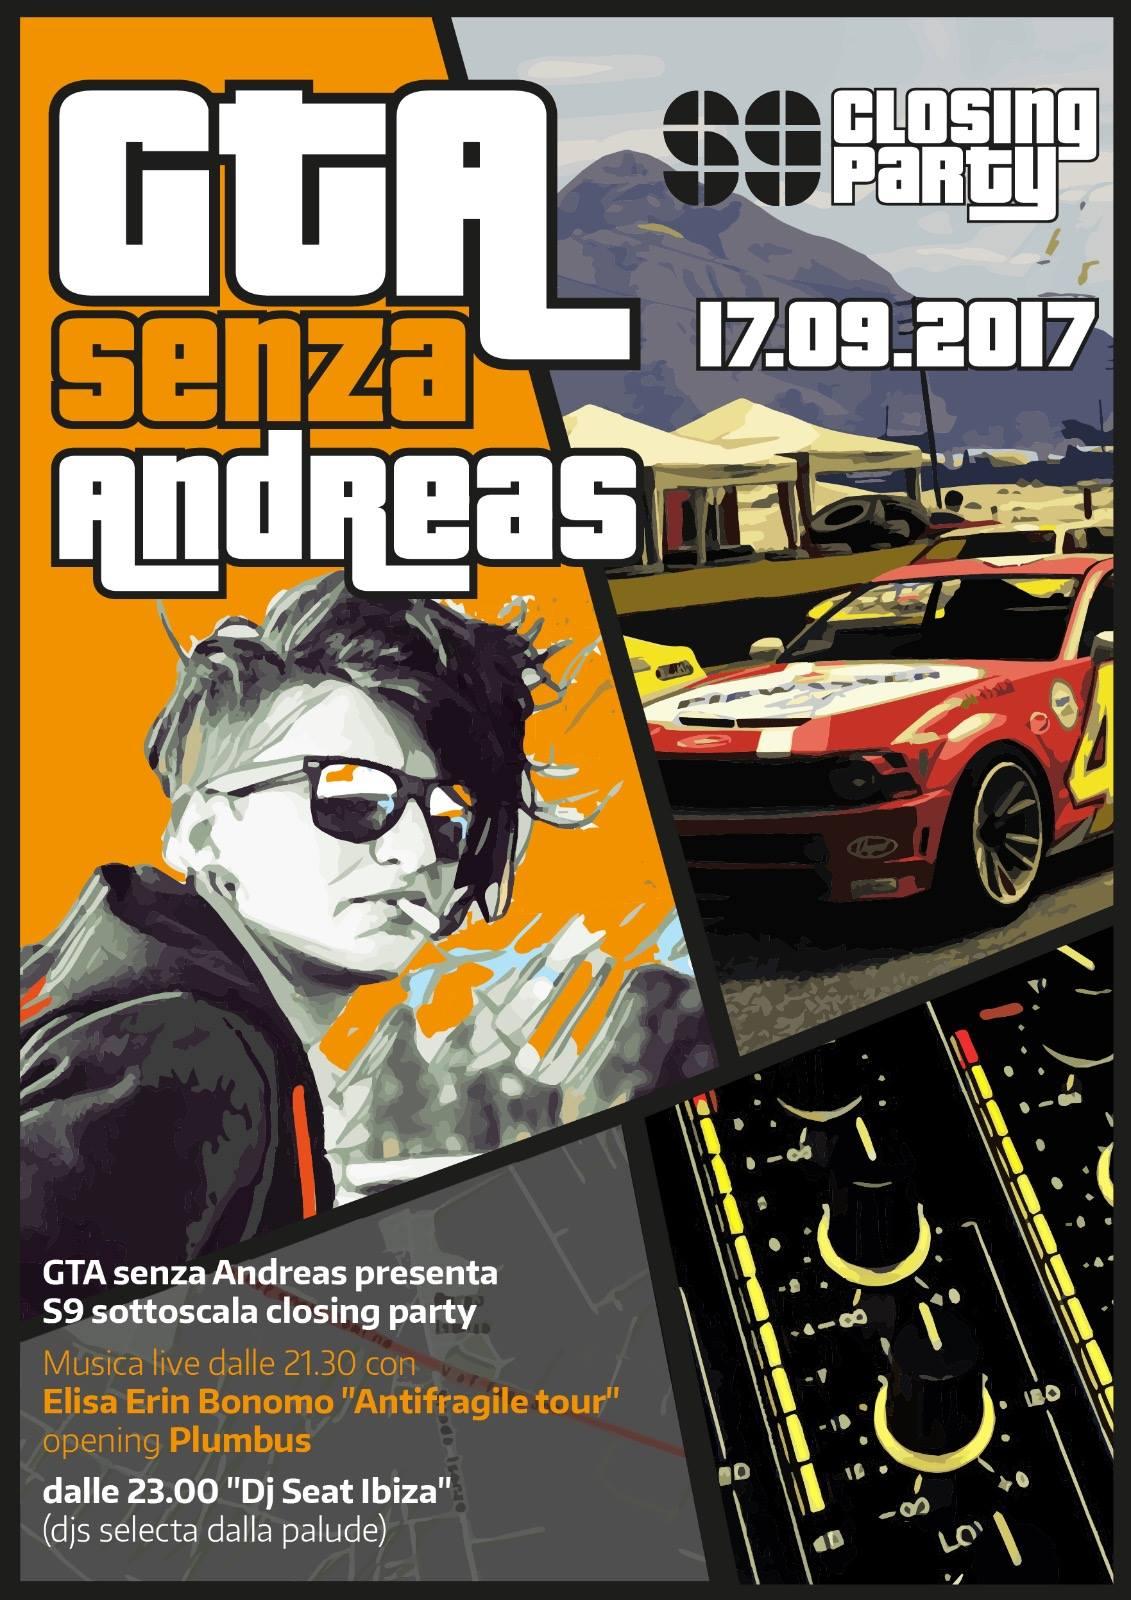 GtaSenzaAndreas Sottoscala9 Closing